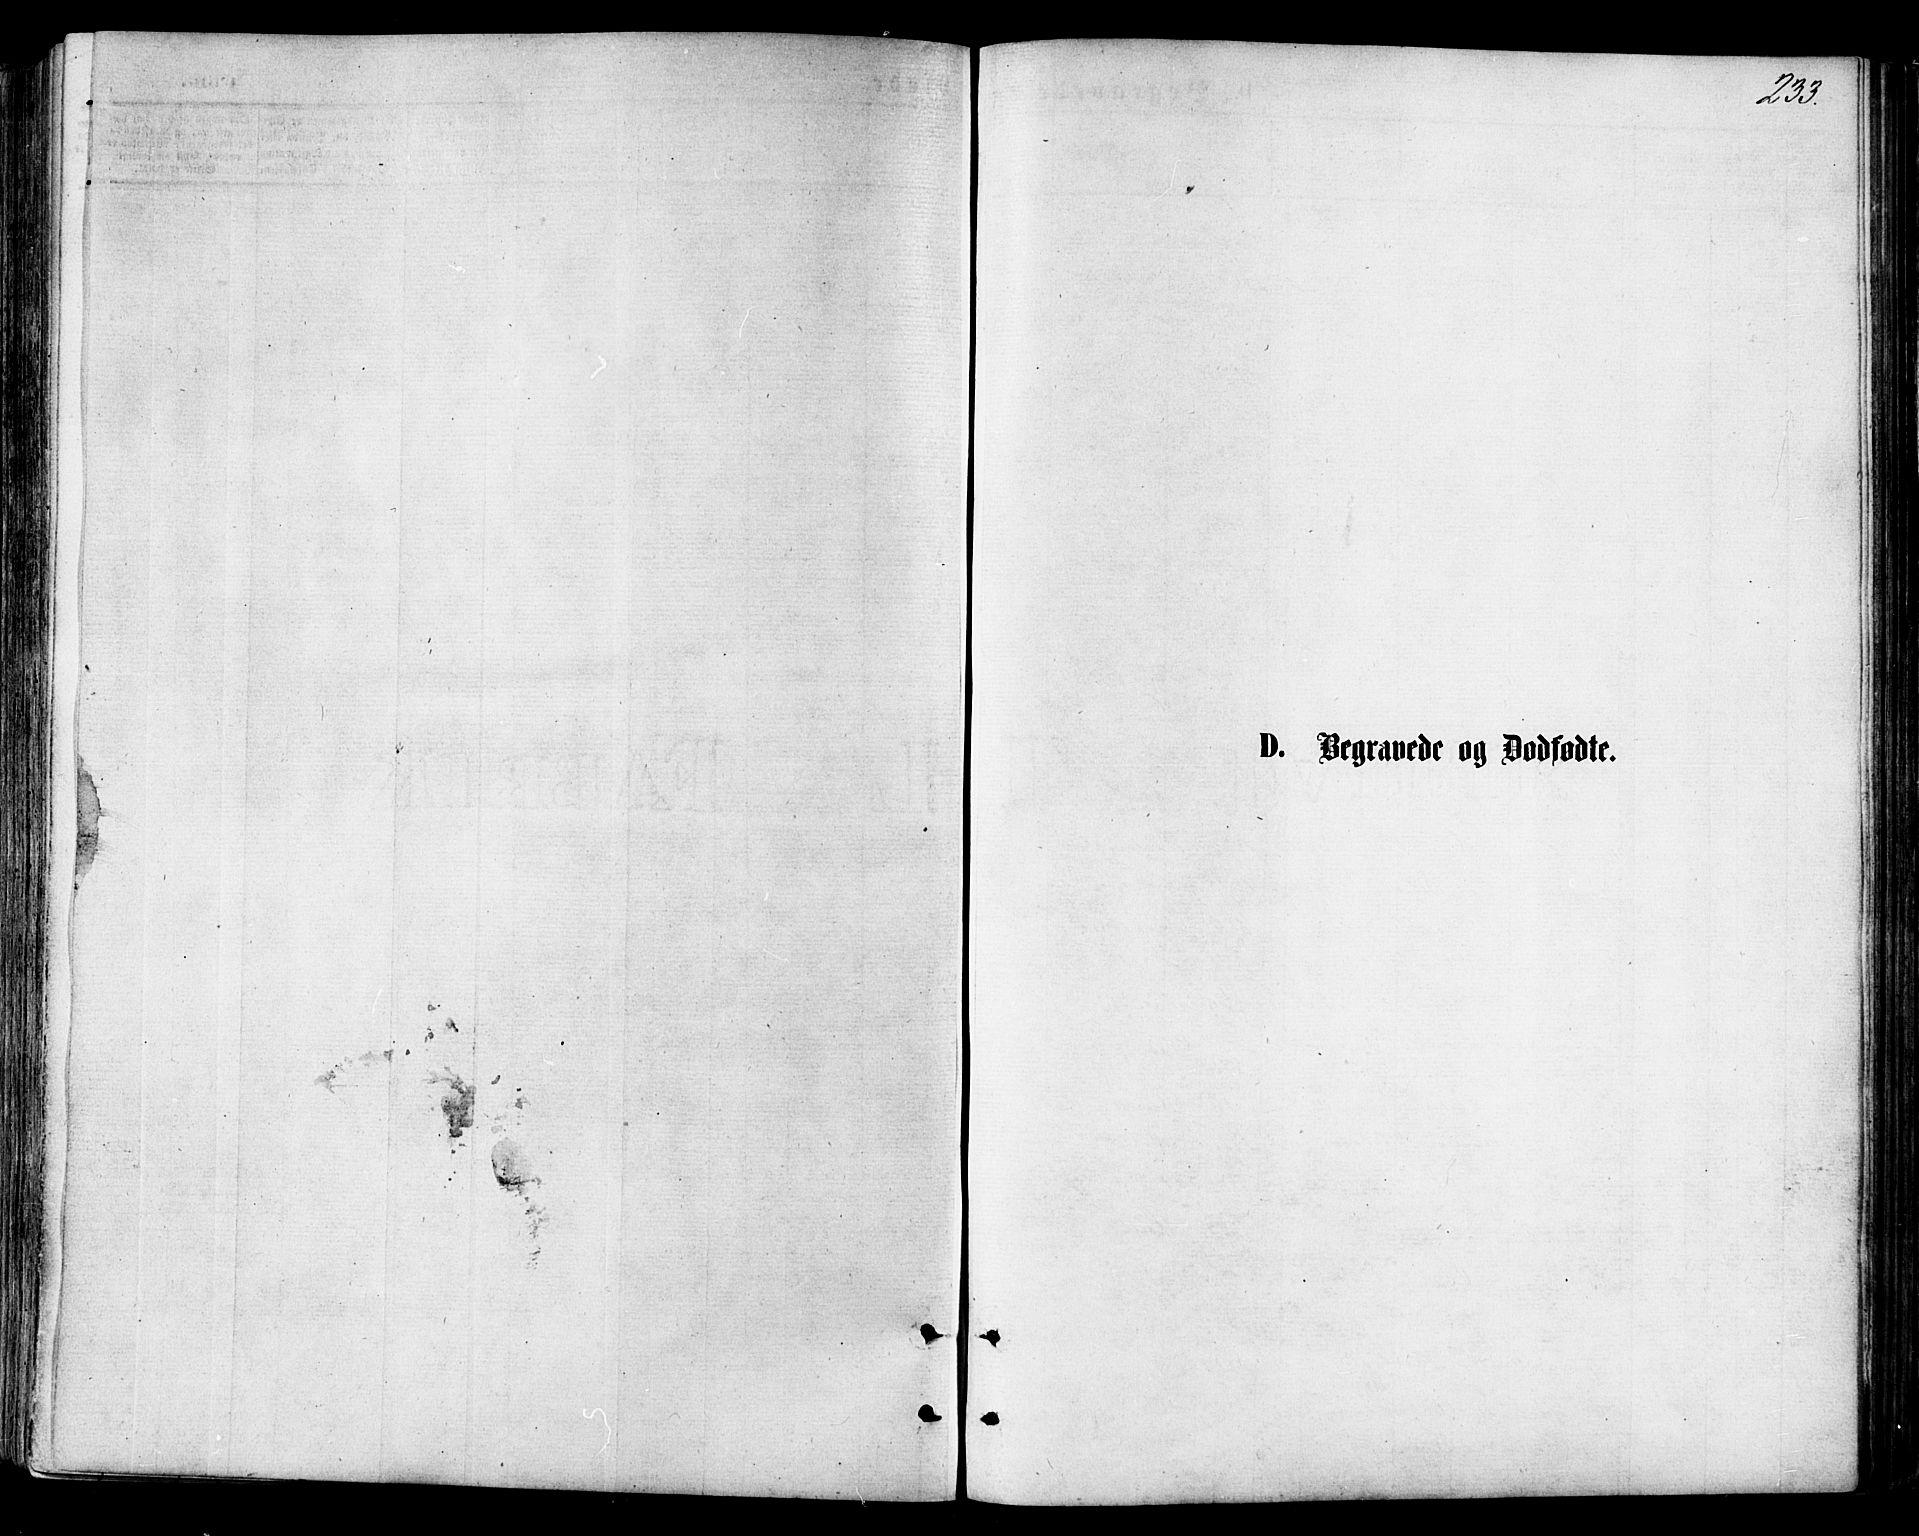 SAT, Ministerialprotokoller, klokkerbøker og fødselsregistre - Nordland, 846/L0645: Parish register (official) no. 846A03, 1872-1886, p. 233